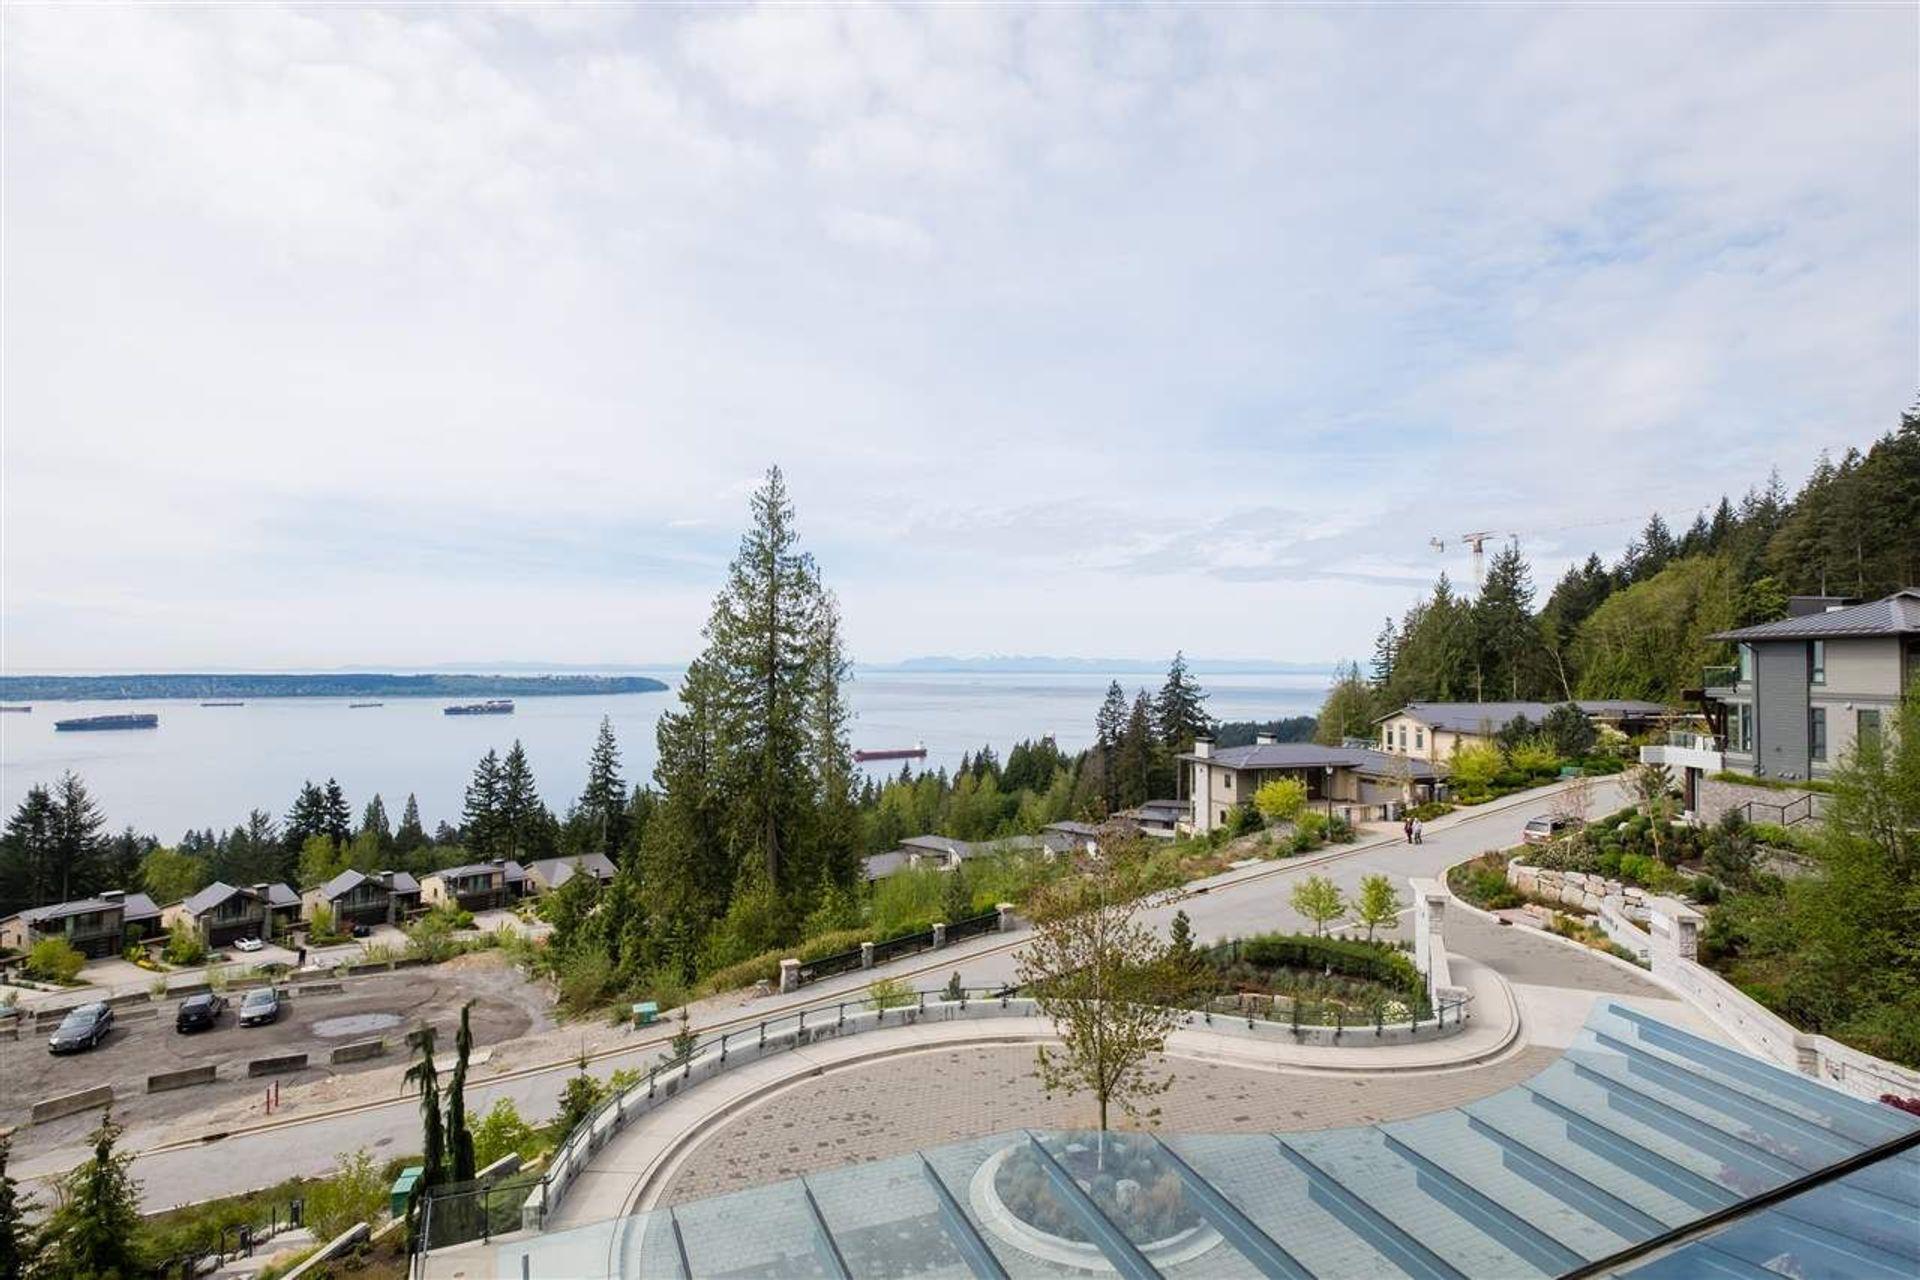 2958-burfield-place-cypress-park-estates-west-vancouver-07 at 302 - 2958 Burfield Place, Cypress Park Estates, West Vancouver